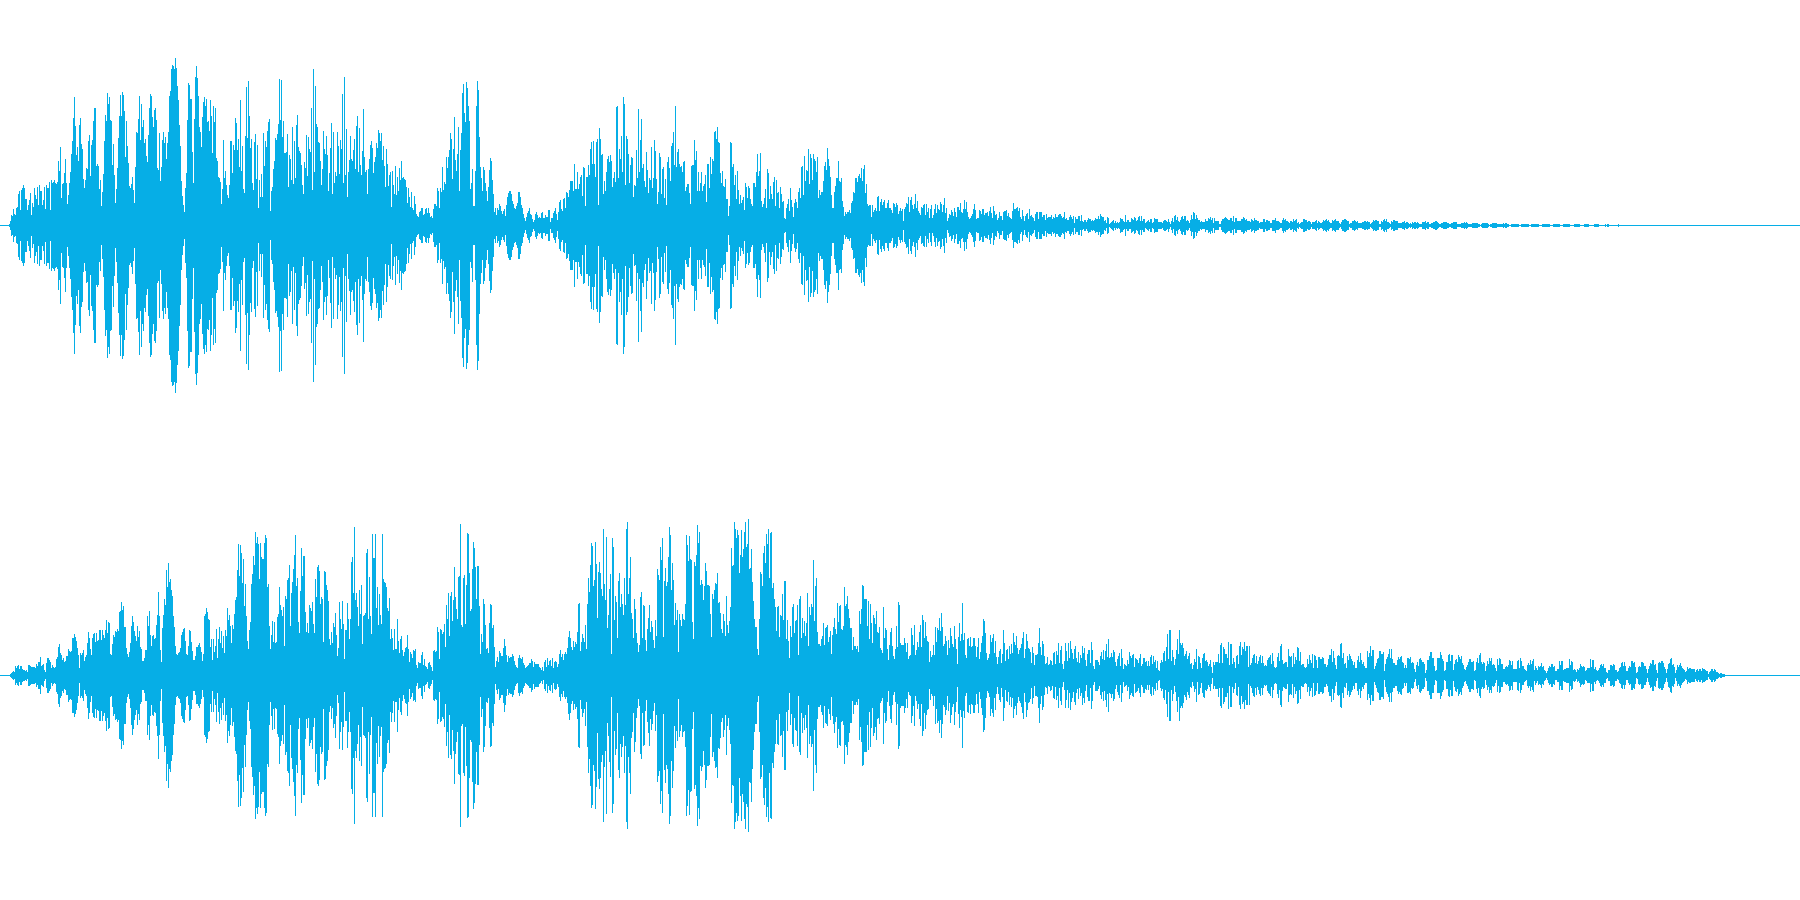 ゴーァビシューン(通過音)の再生済みの波形